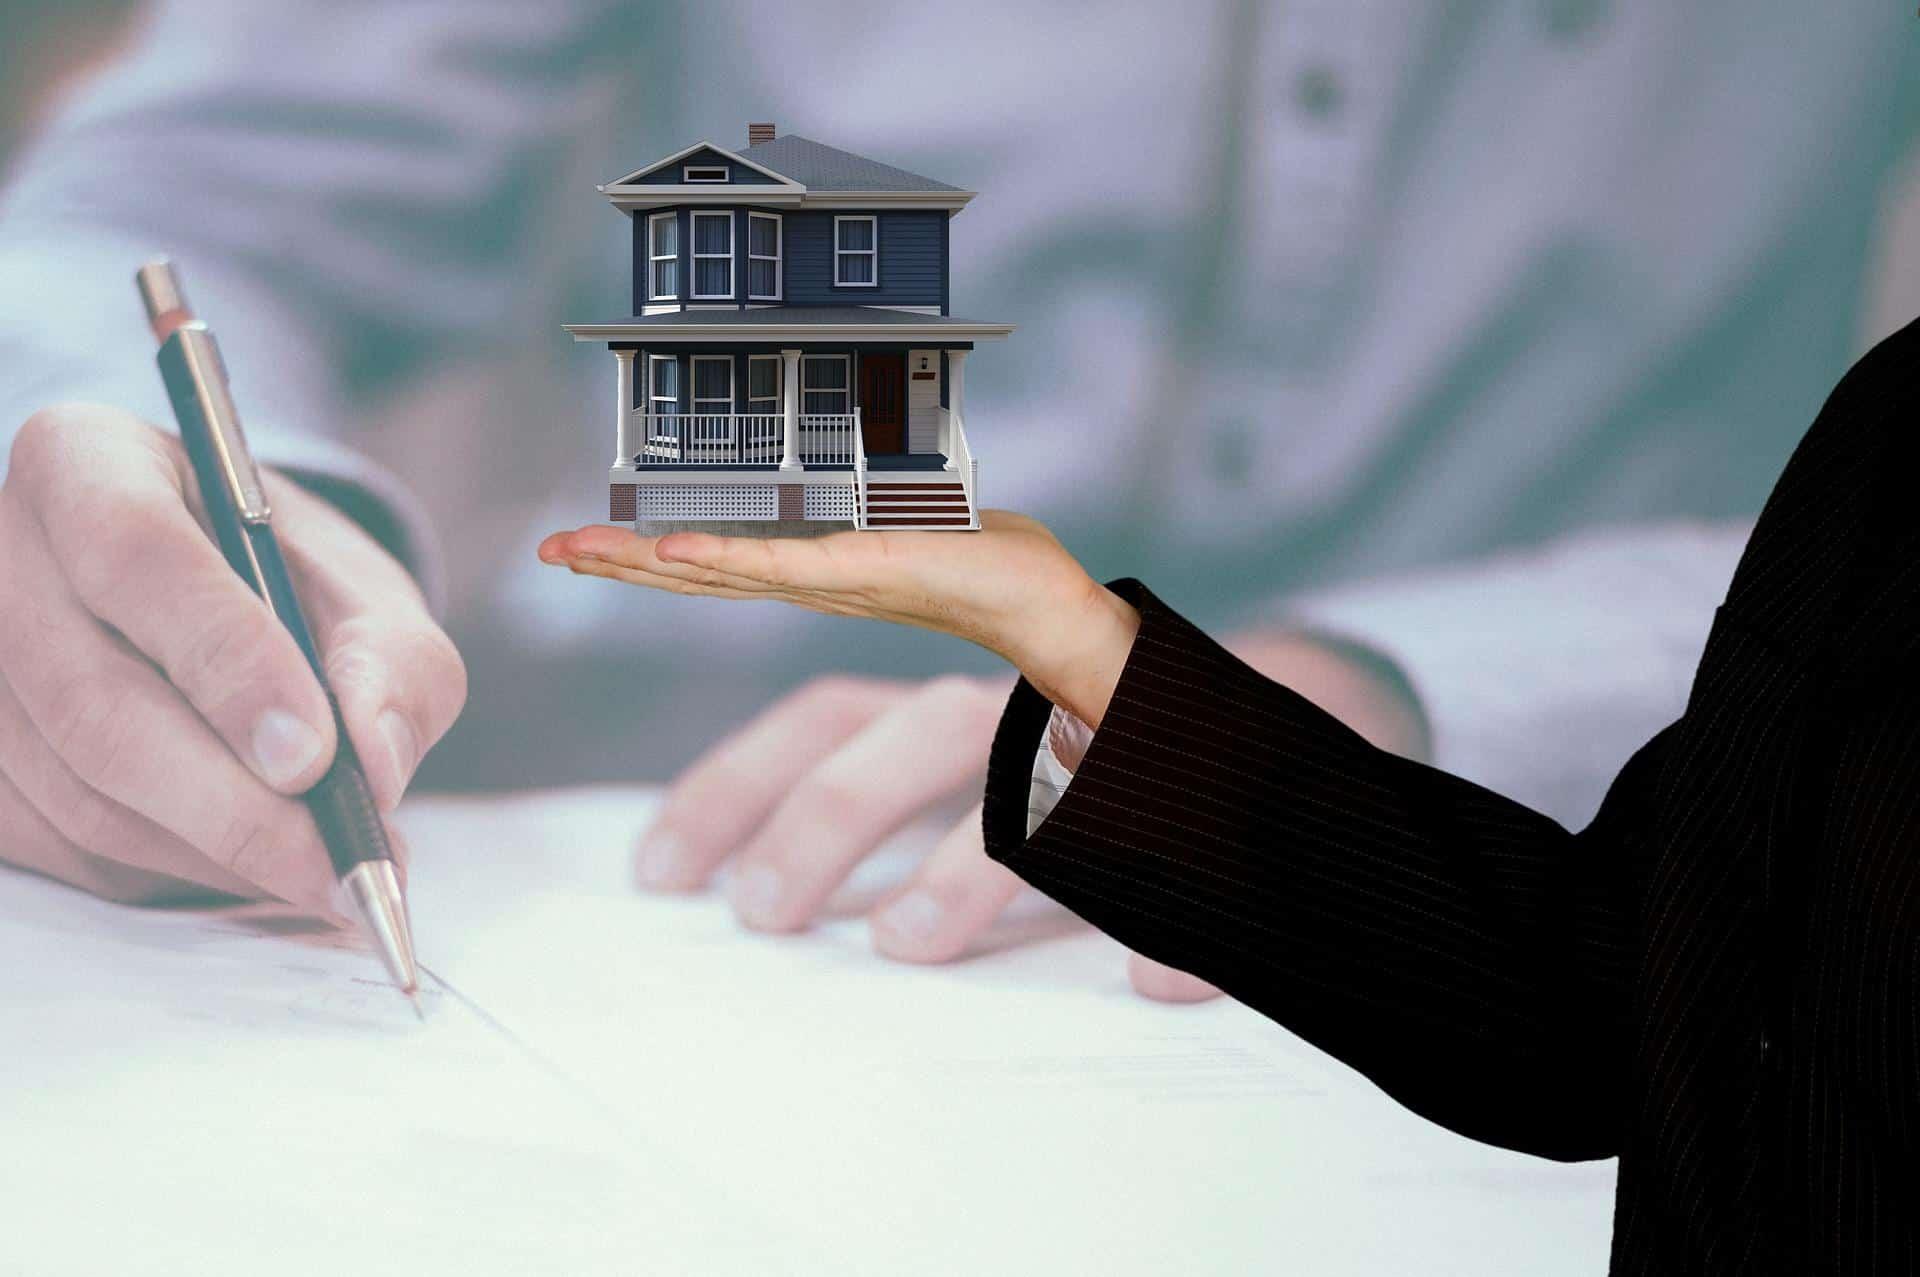 Le déménagement d'entreprise, Comment le préparer ?